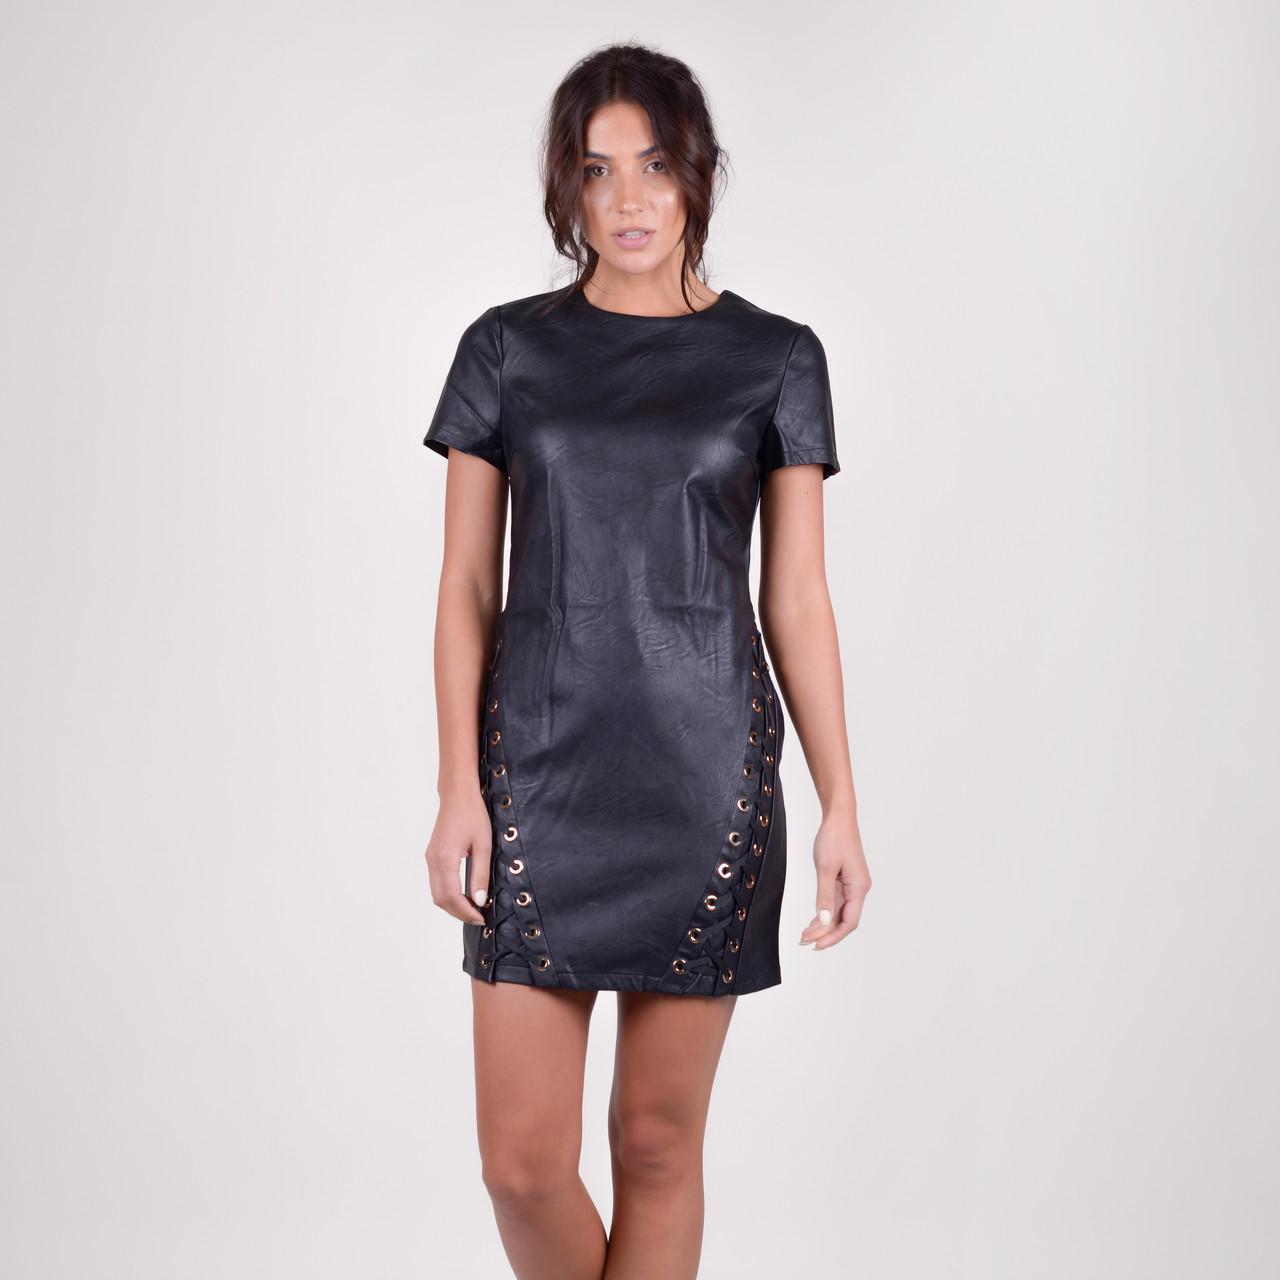 Короткий приталене шкіряне плаття в чорному кольорі в 4 розмірах S, M, L, XL